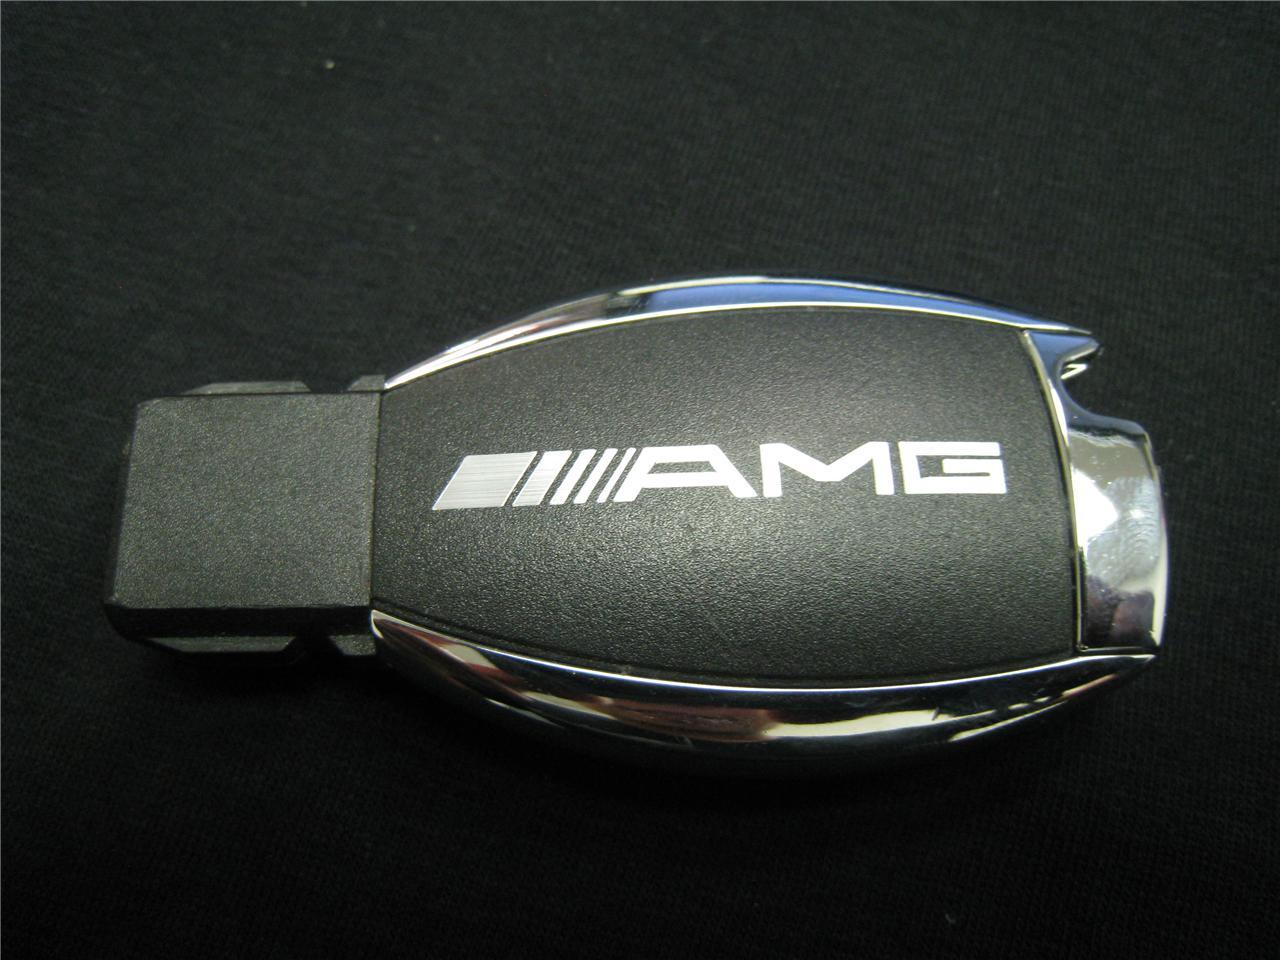 Amg Decal Sticker Mercedes Benz Car Key Ebay